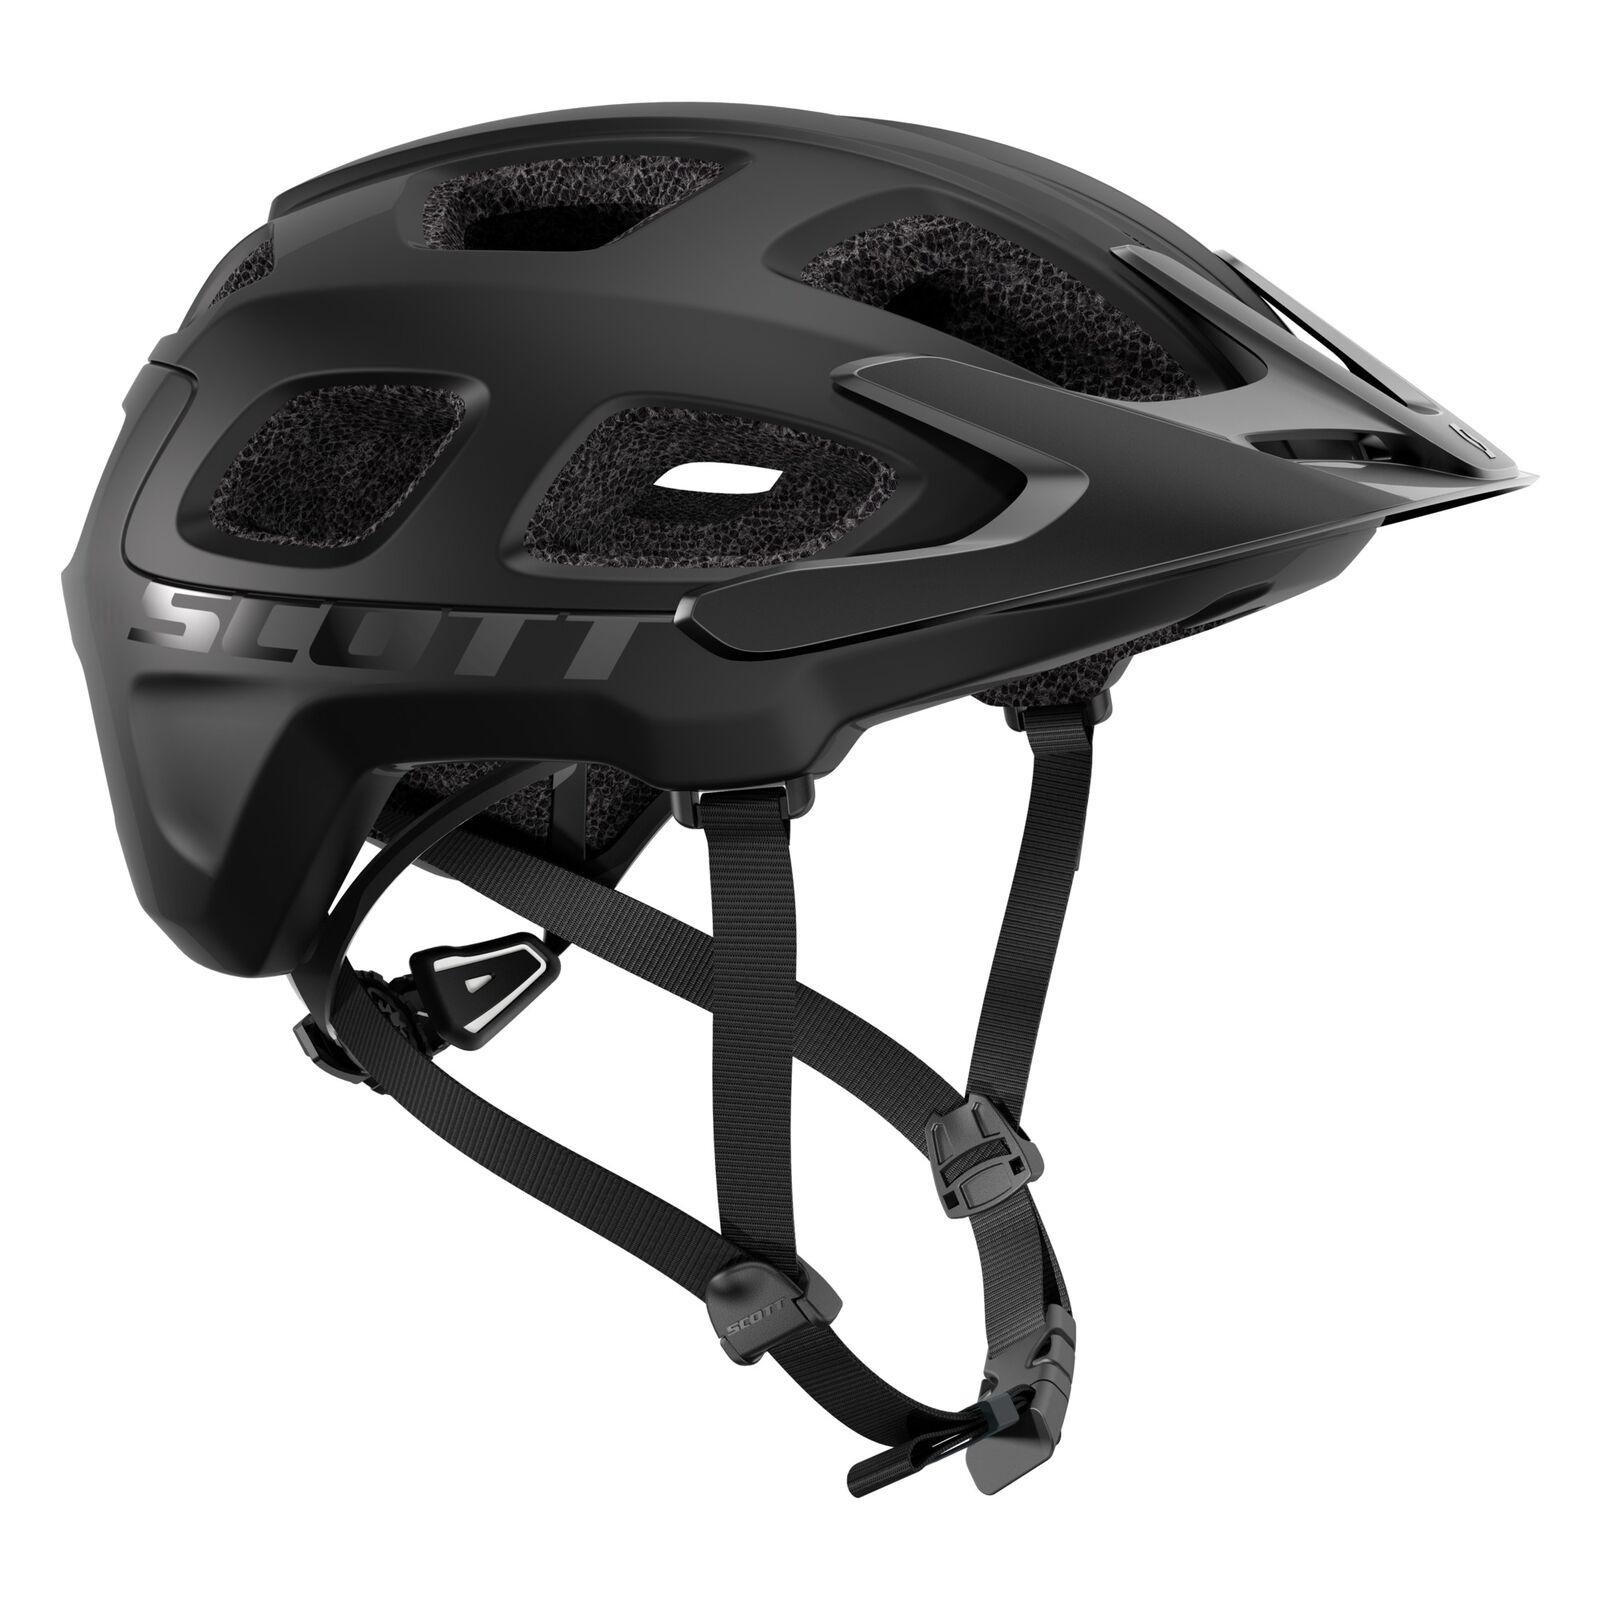 Scott Vivo MTB Vélo Casque noir Mat 2019